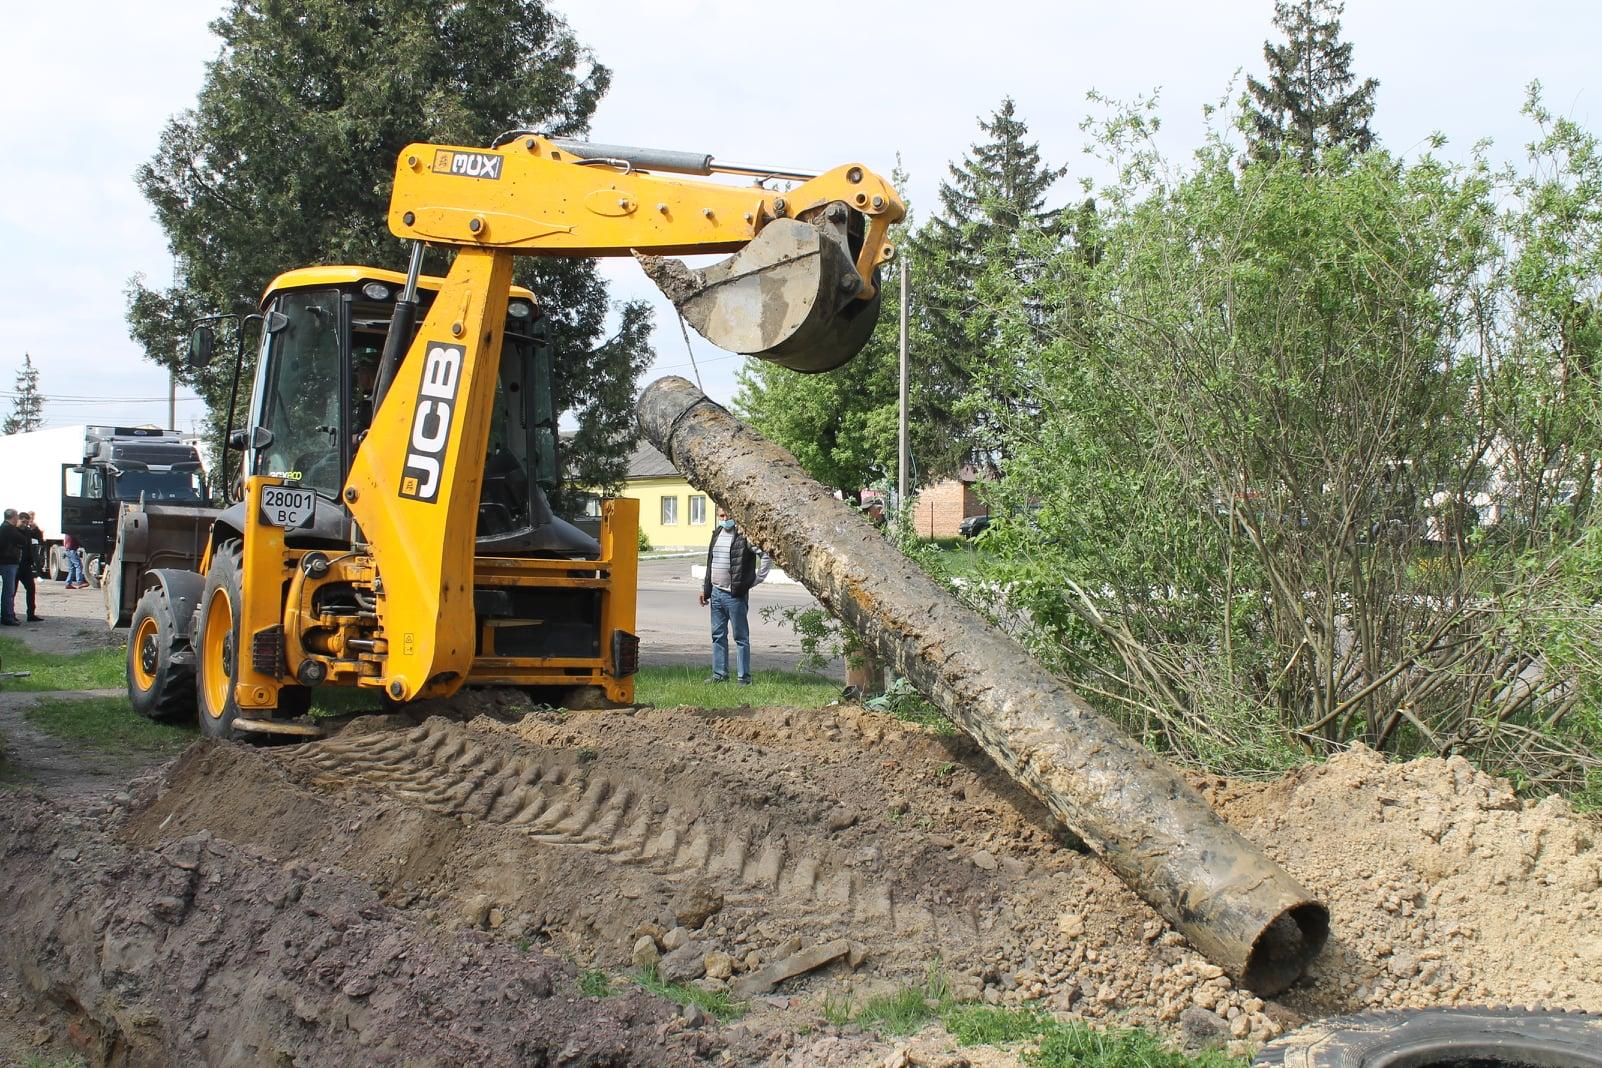 Внаслідок пориву водопроводу на Заставі в Червонограді можуть бути проблеми з водопостачанням у Соснівці та Гірнику